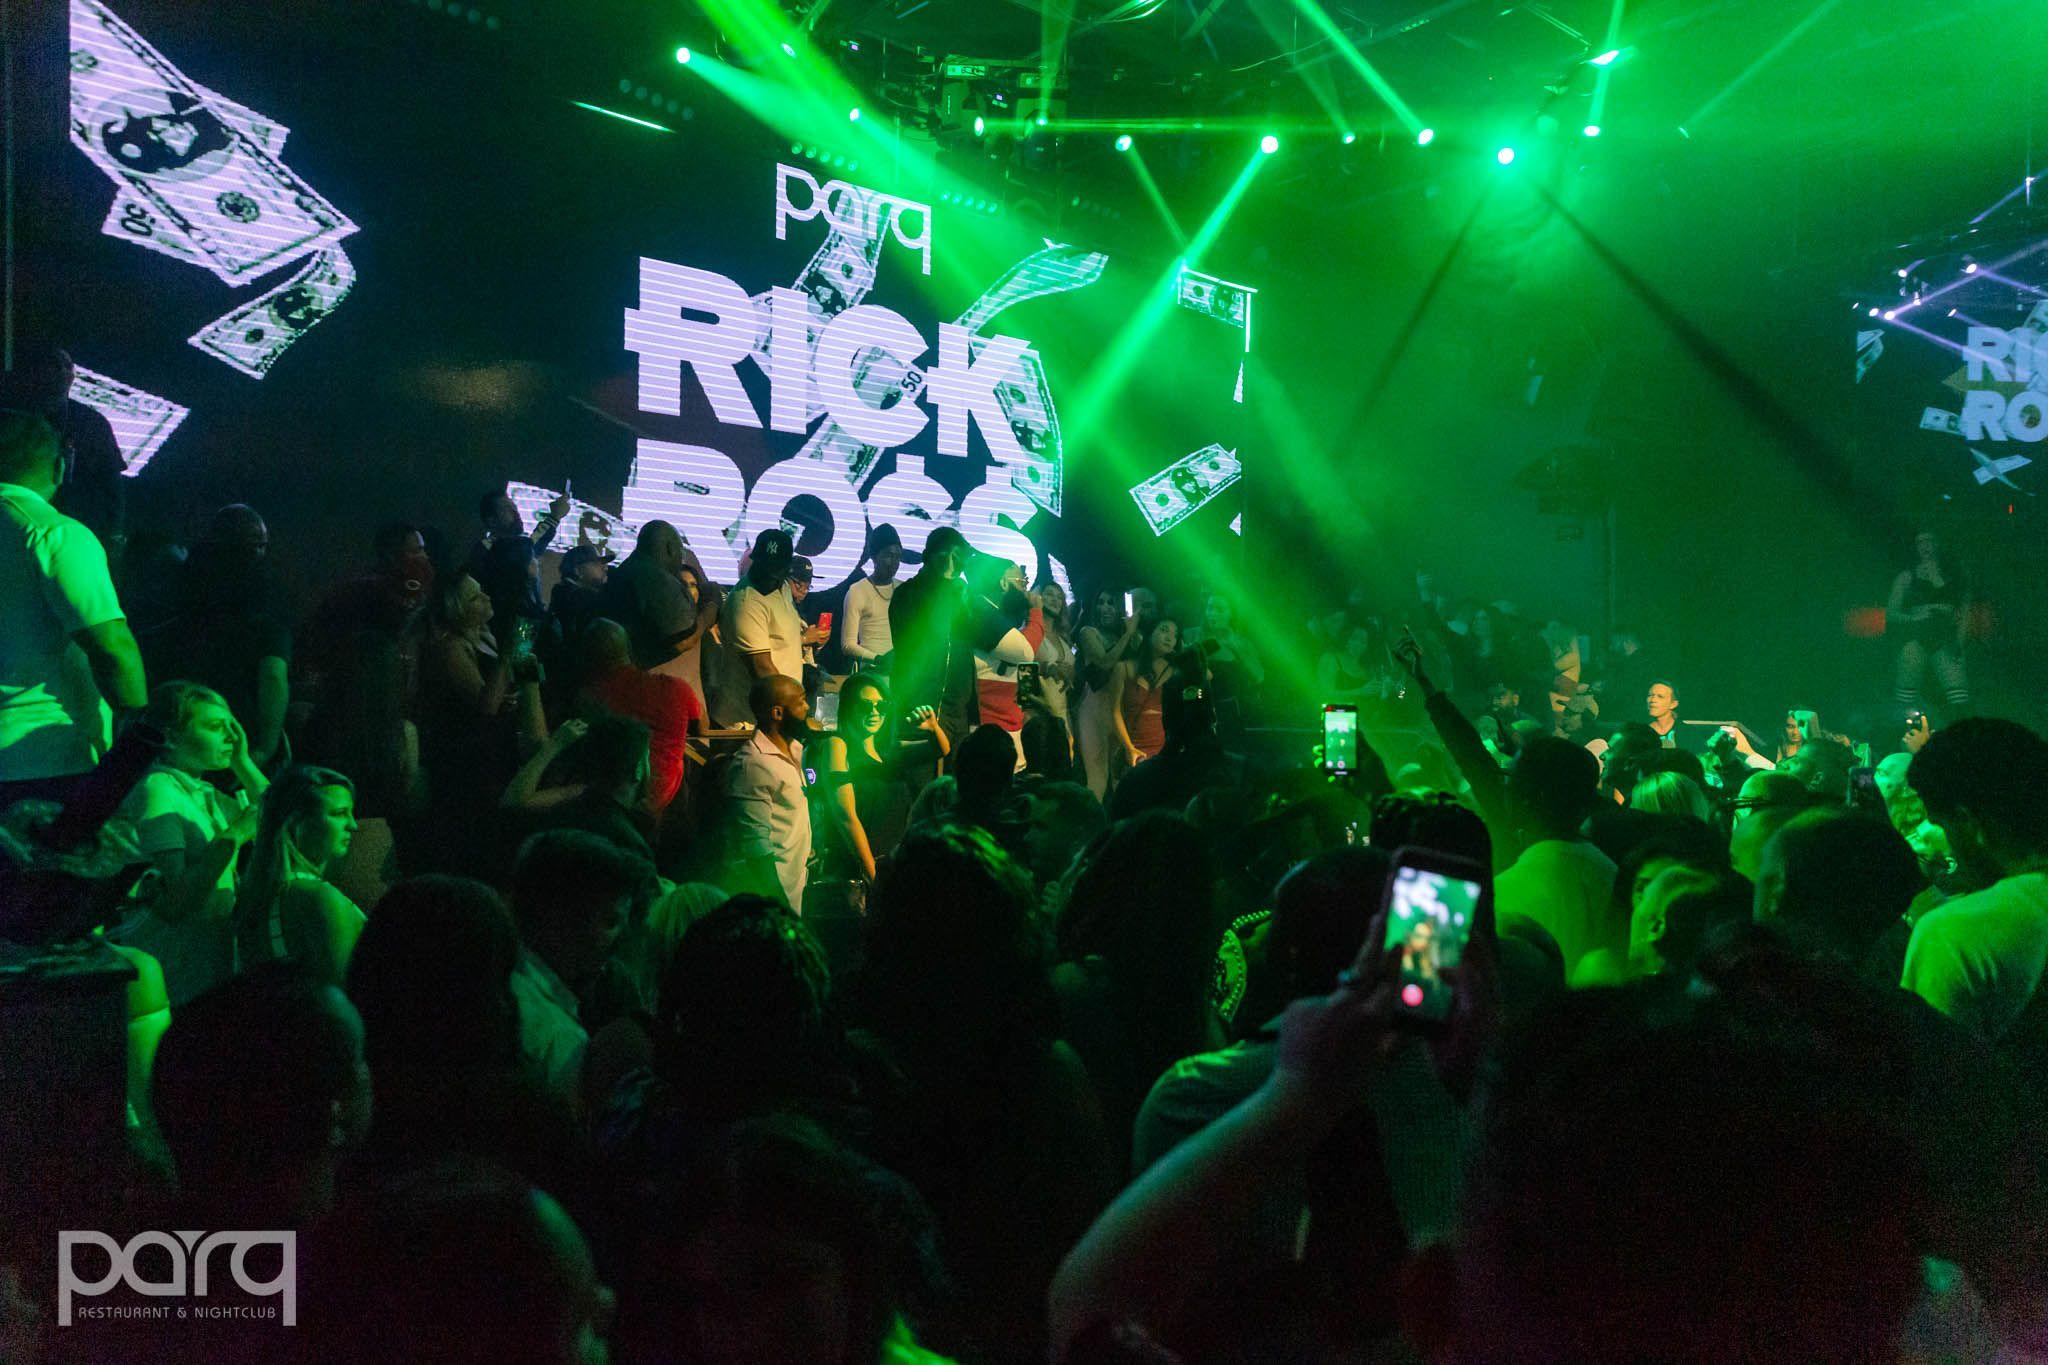 11.03.18 Parq - Rick Ross-32.jpg